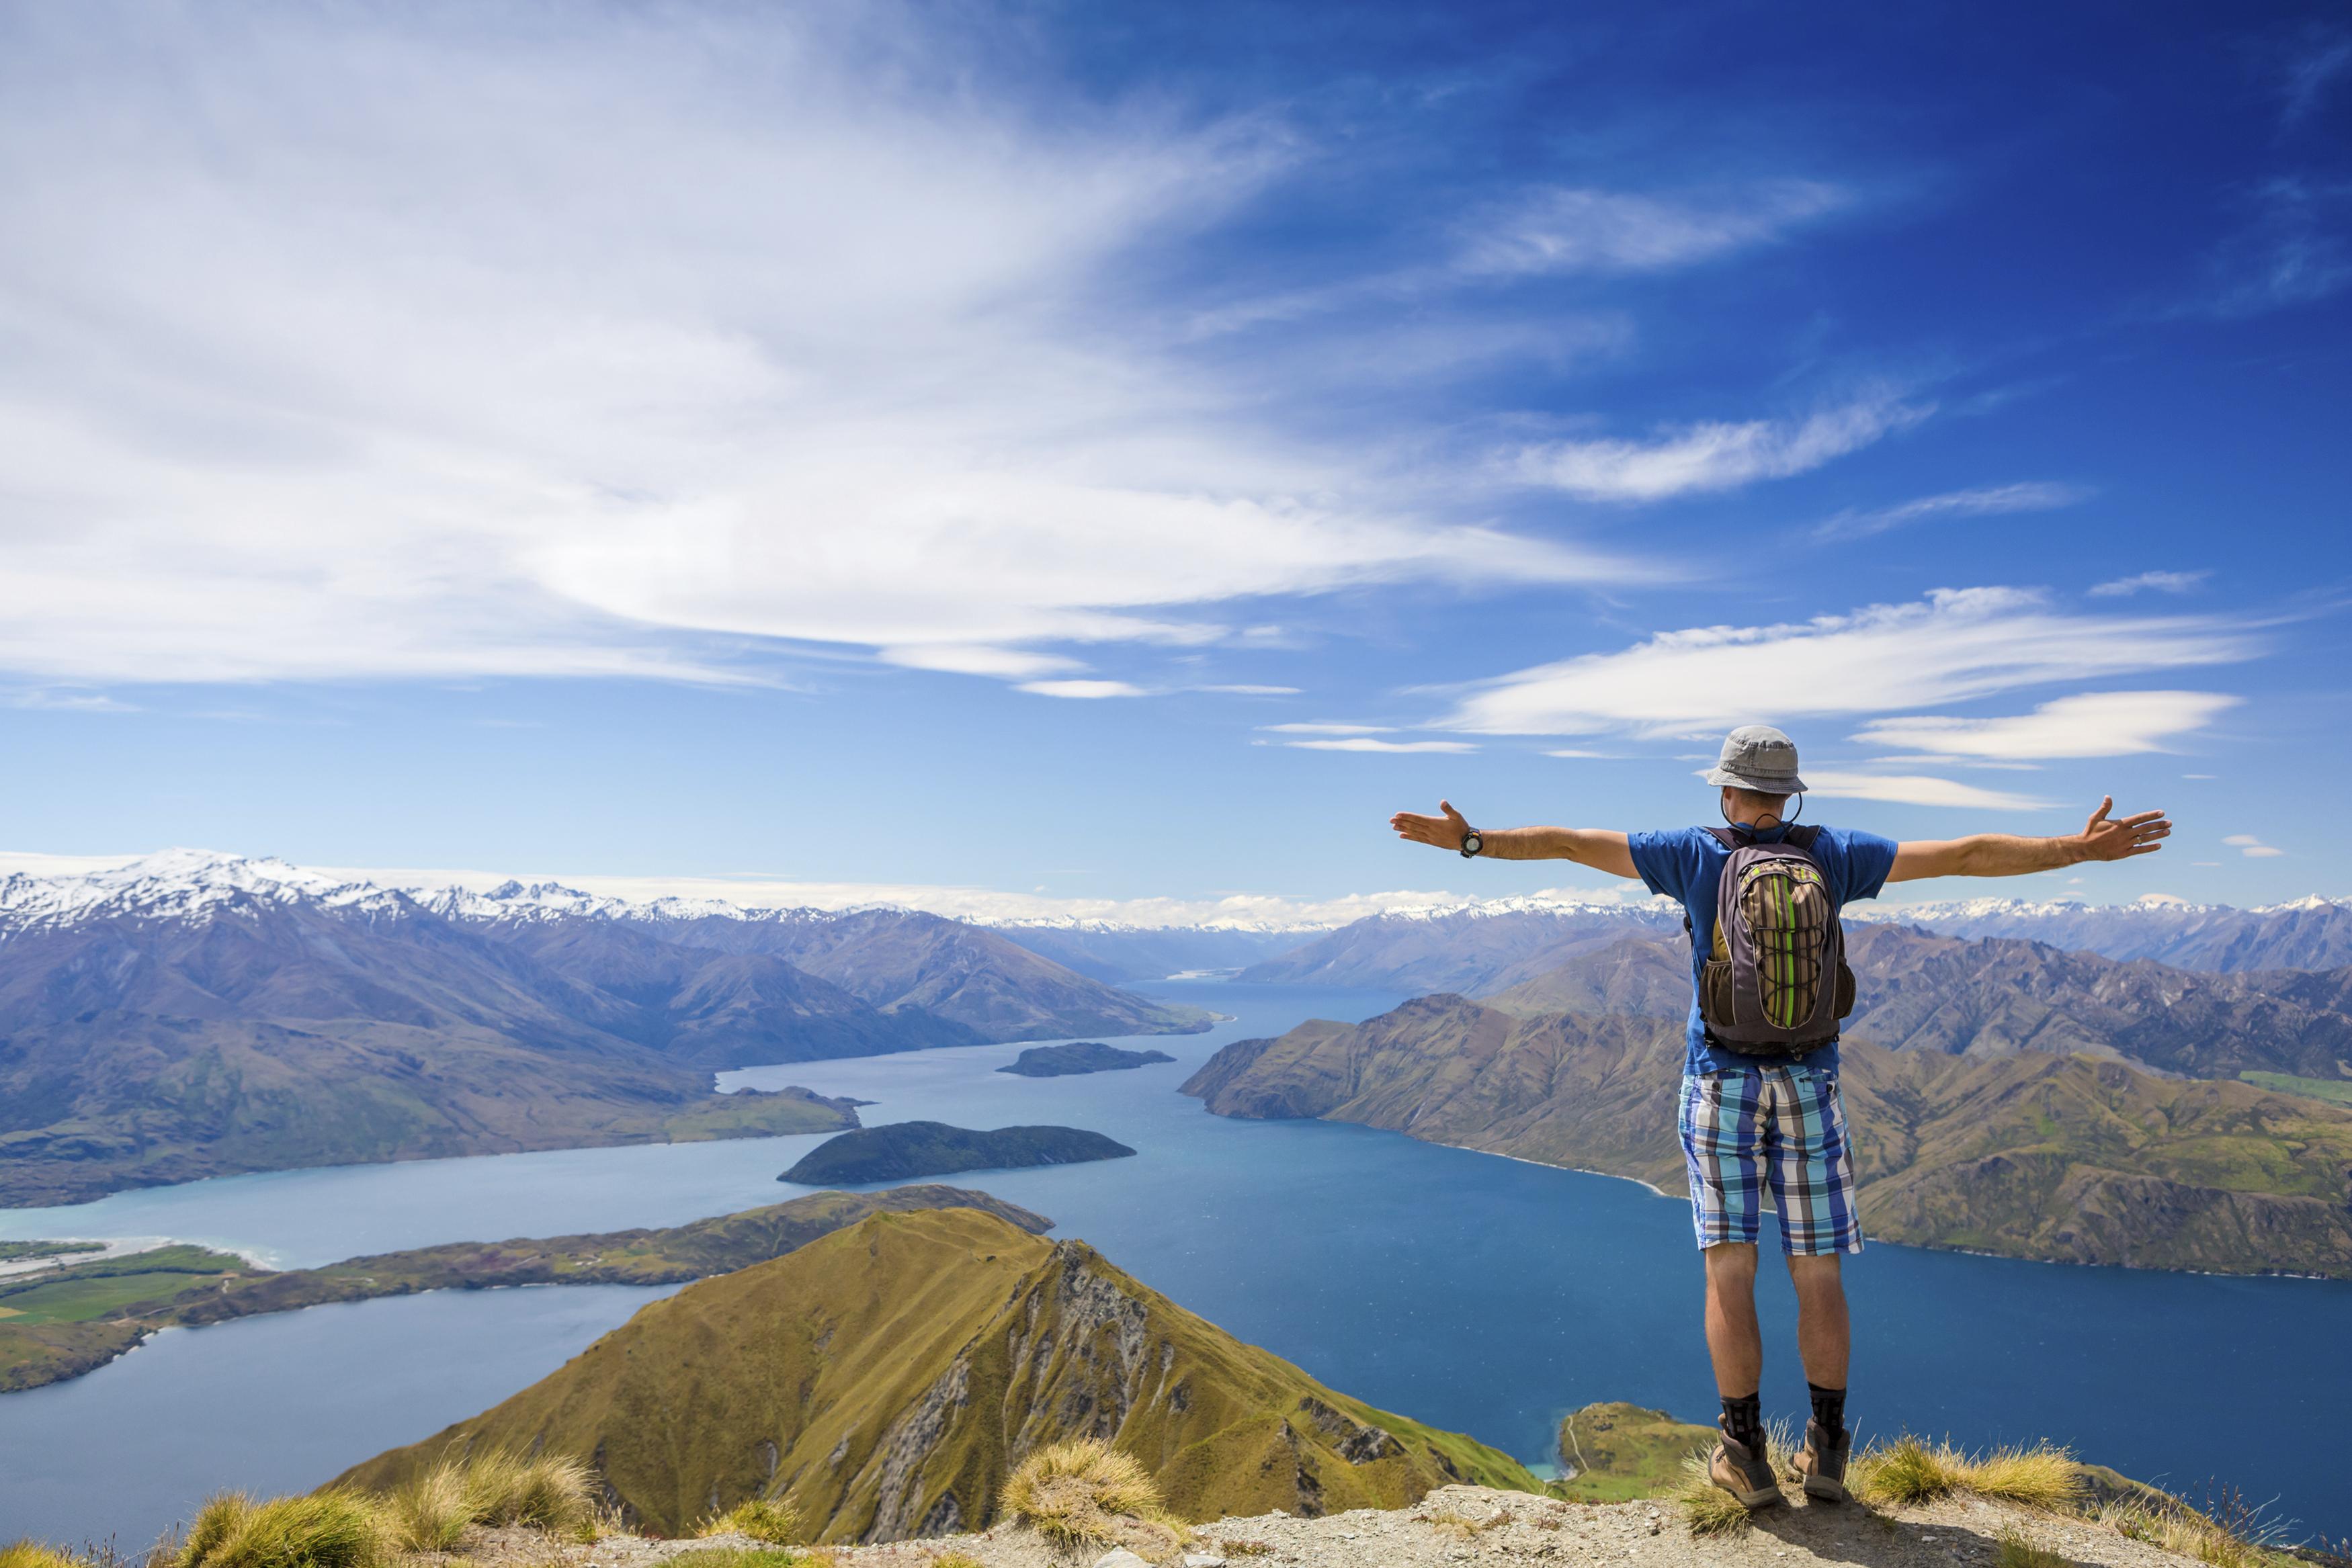 lugares para viajar solo y conocer gente